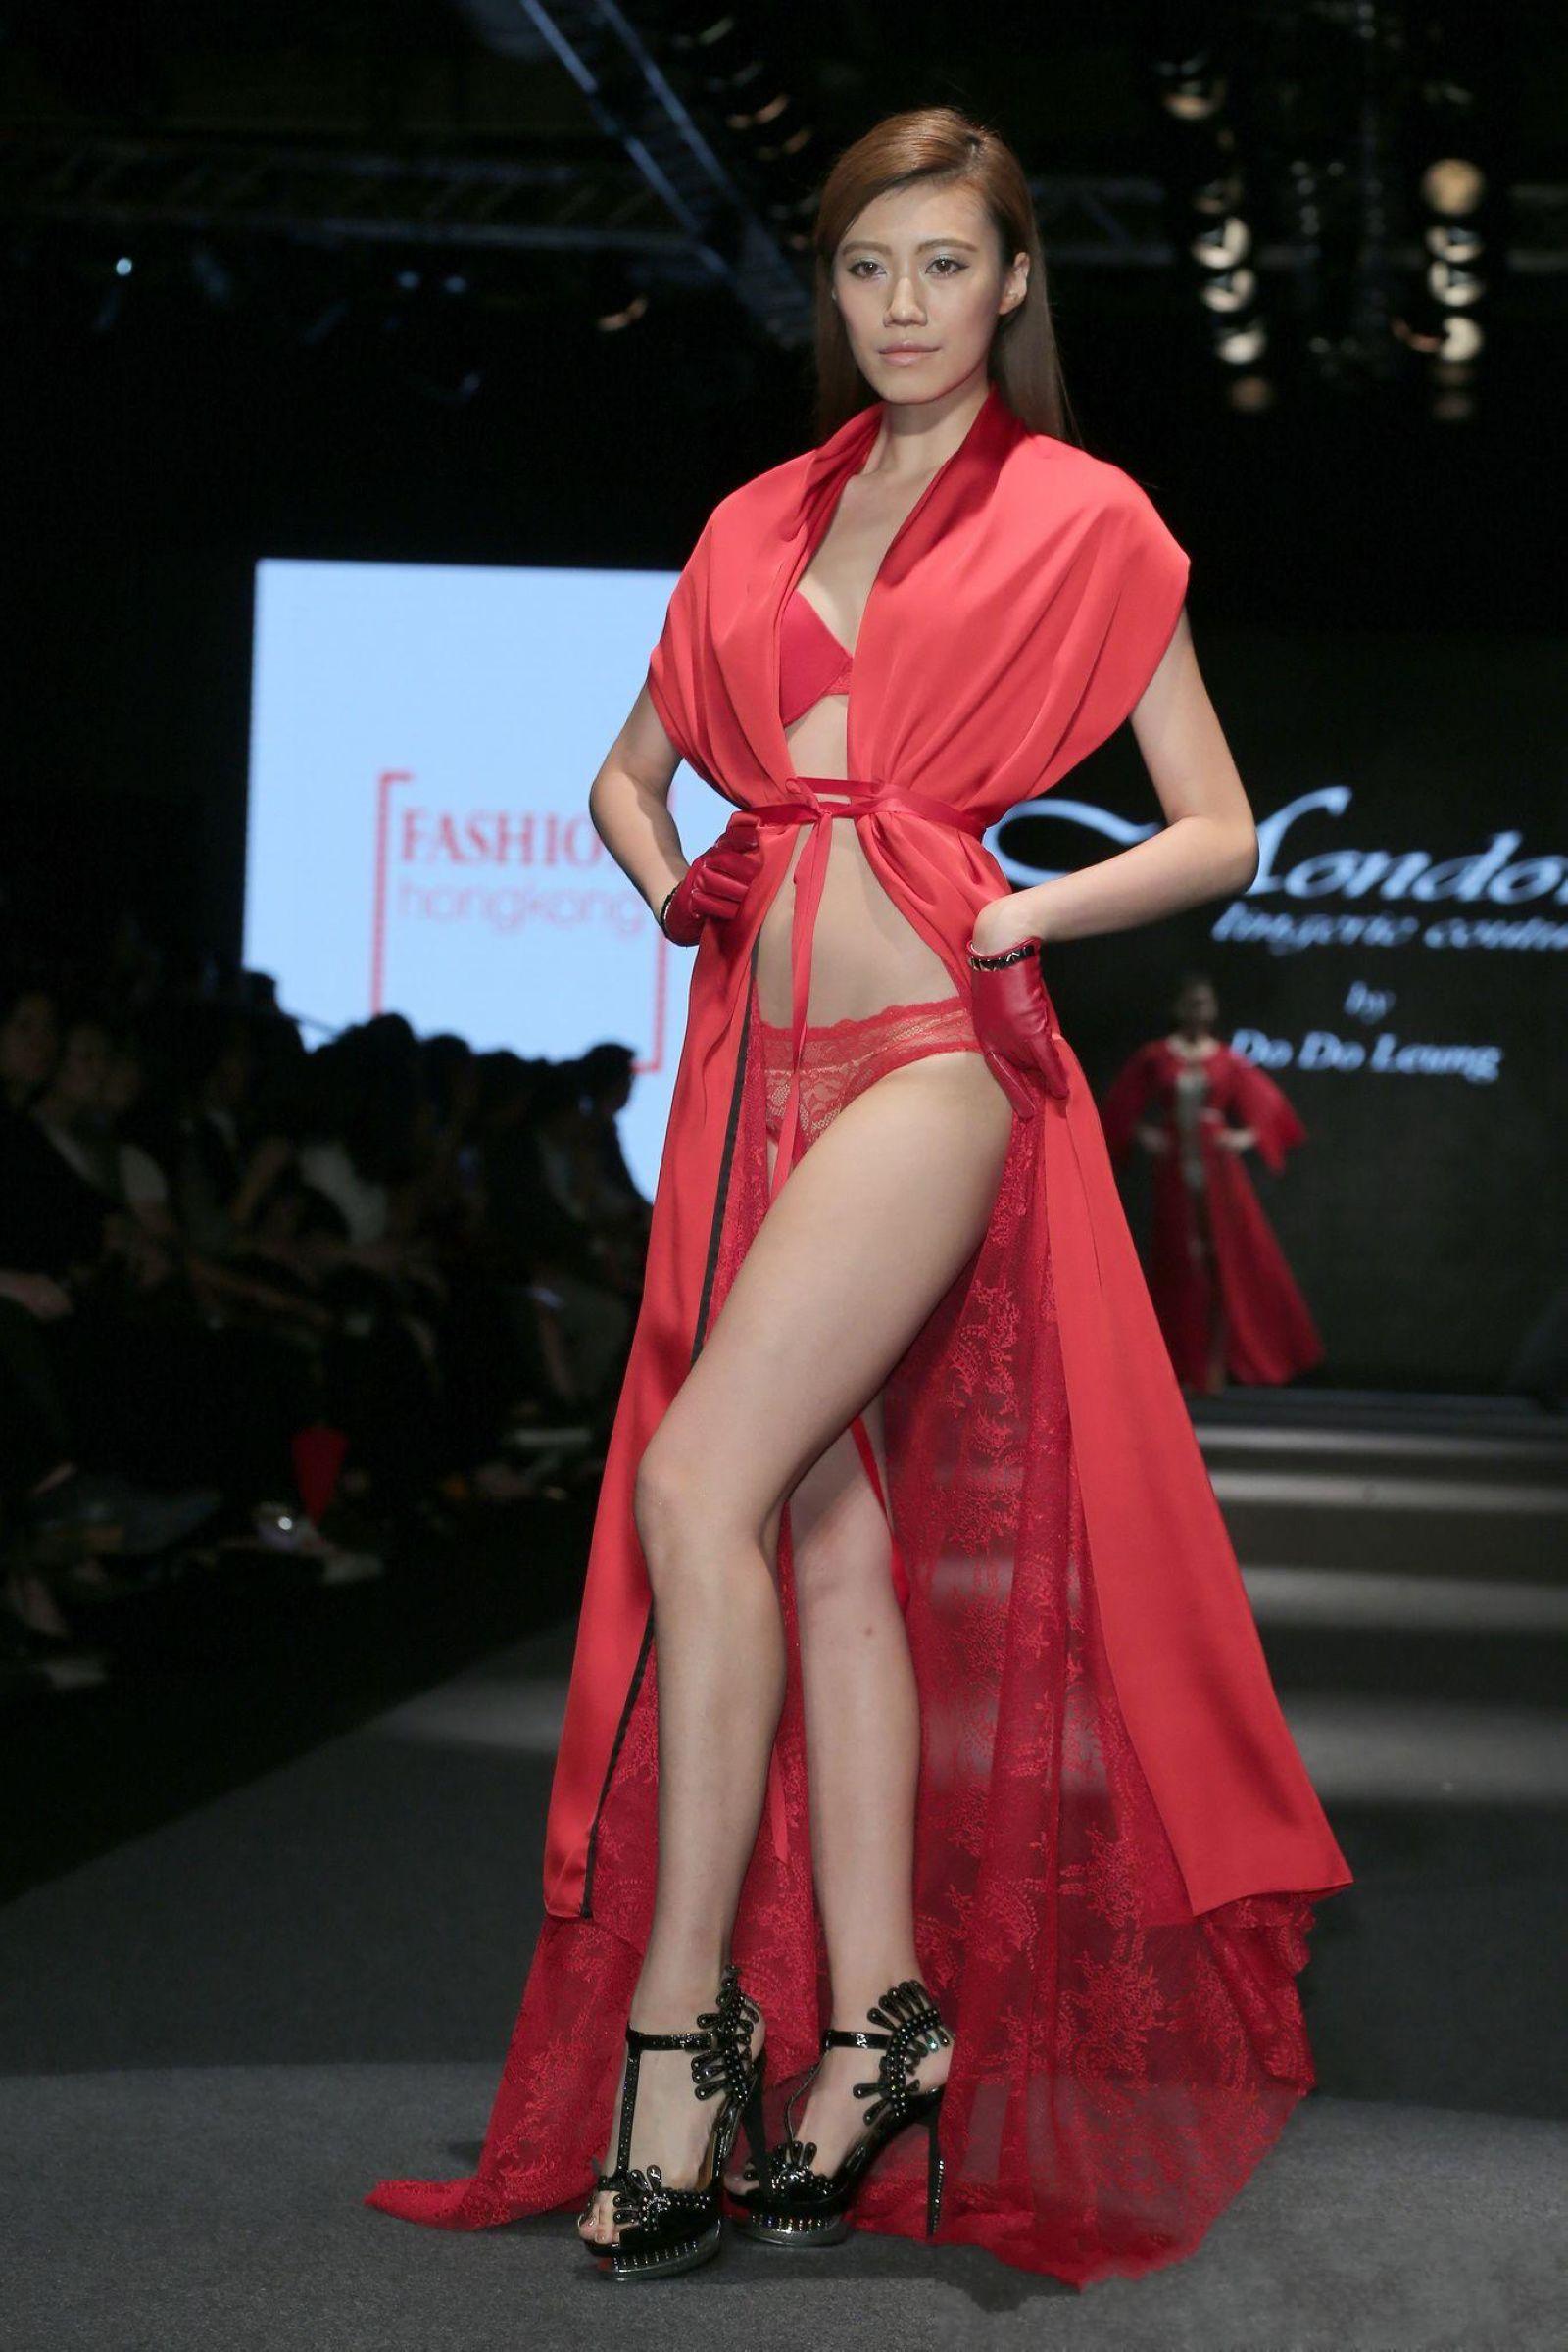 台北魅力美腿秀 - 花開有聲 - 花開有聲